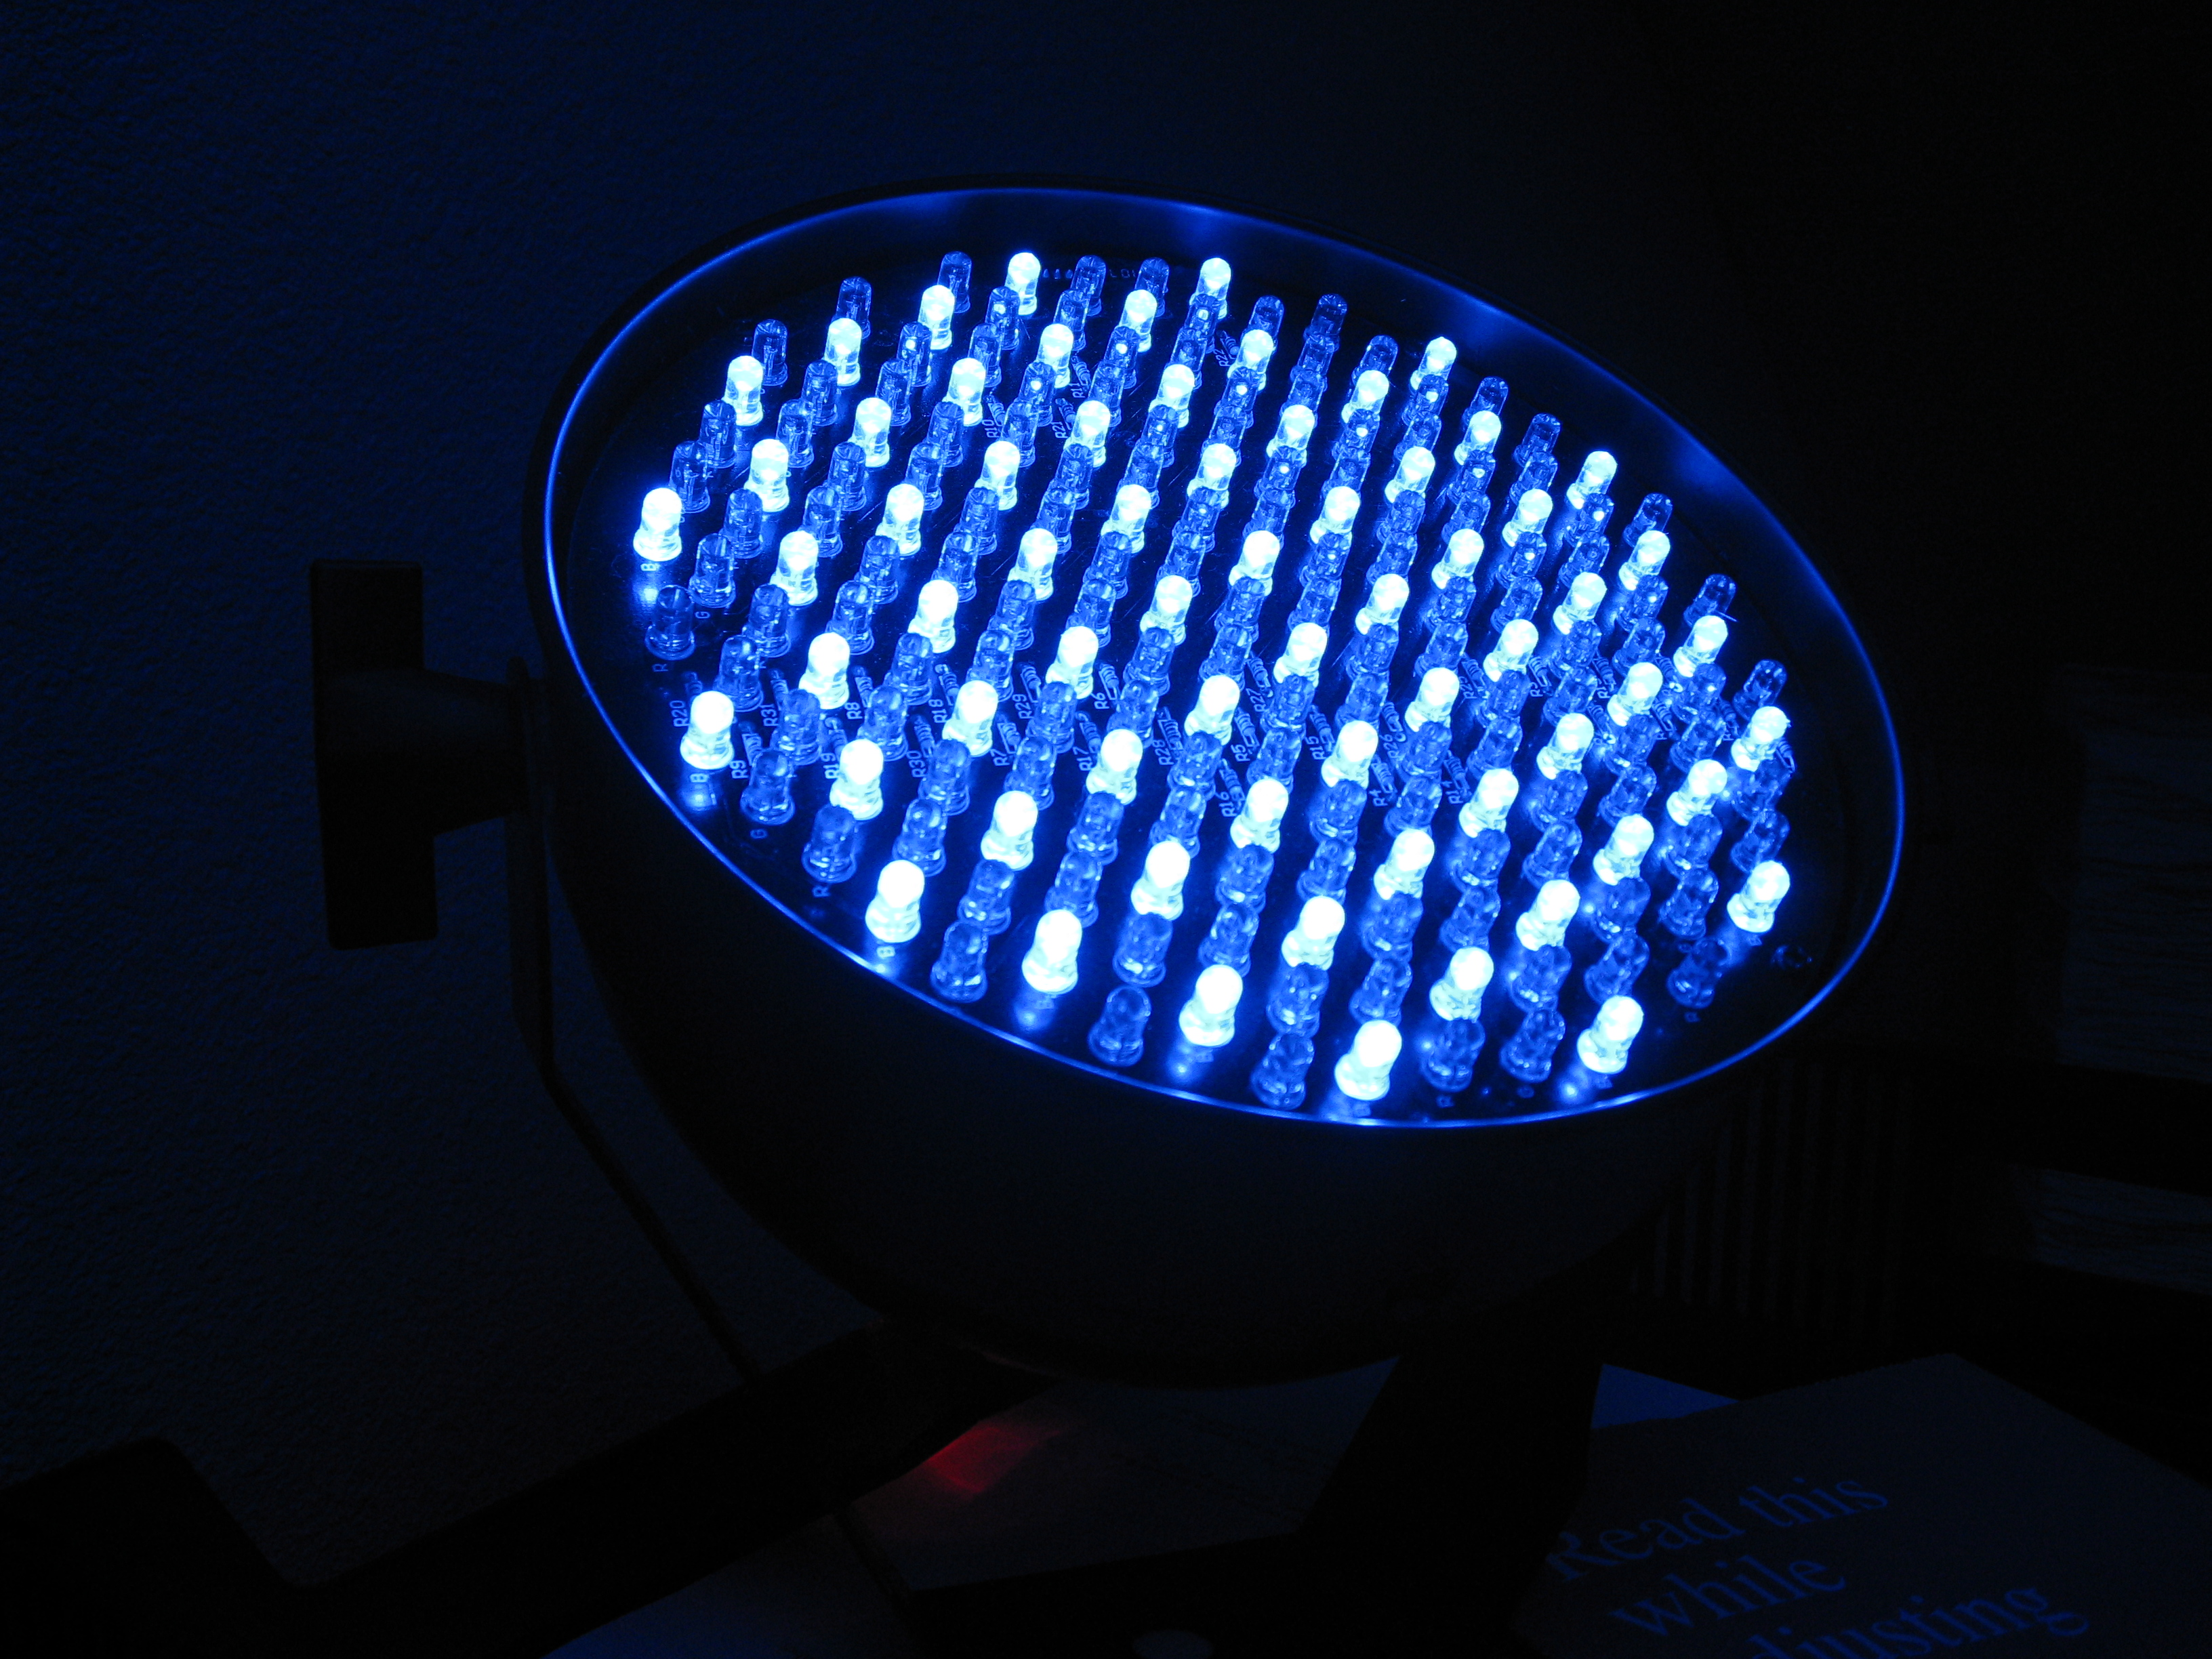 Особенности светодиодного табло и преимущества его применения